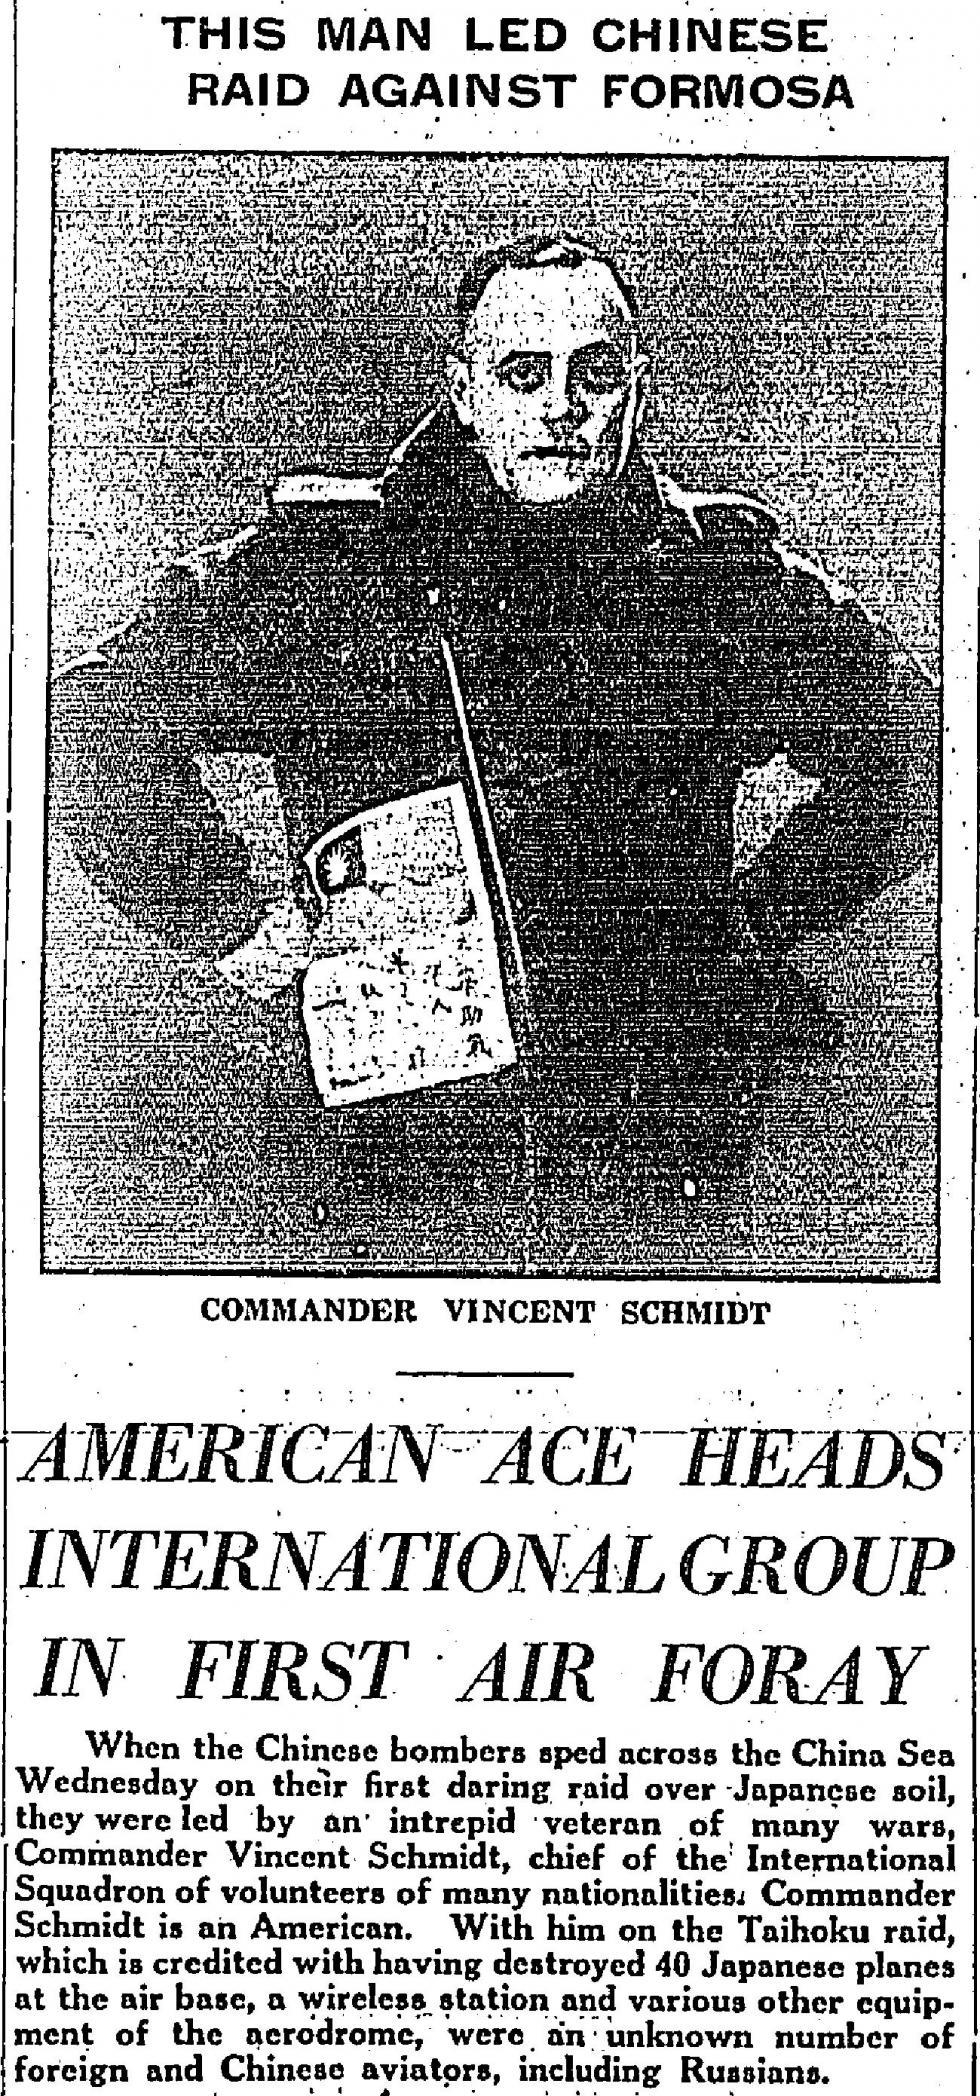 """《香港电讯报》2月25日报道称,""""英勇无畏久经战场的宿将""""文森特·施密特领导了""""对日本土地的首次大胆突袭"""",参与其中的既有中国飞行员,也有俄罗斯飞行员。 涞源:Press Photo"""